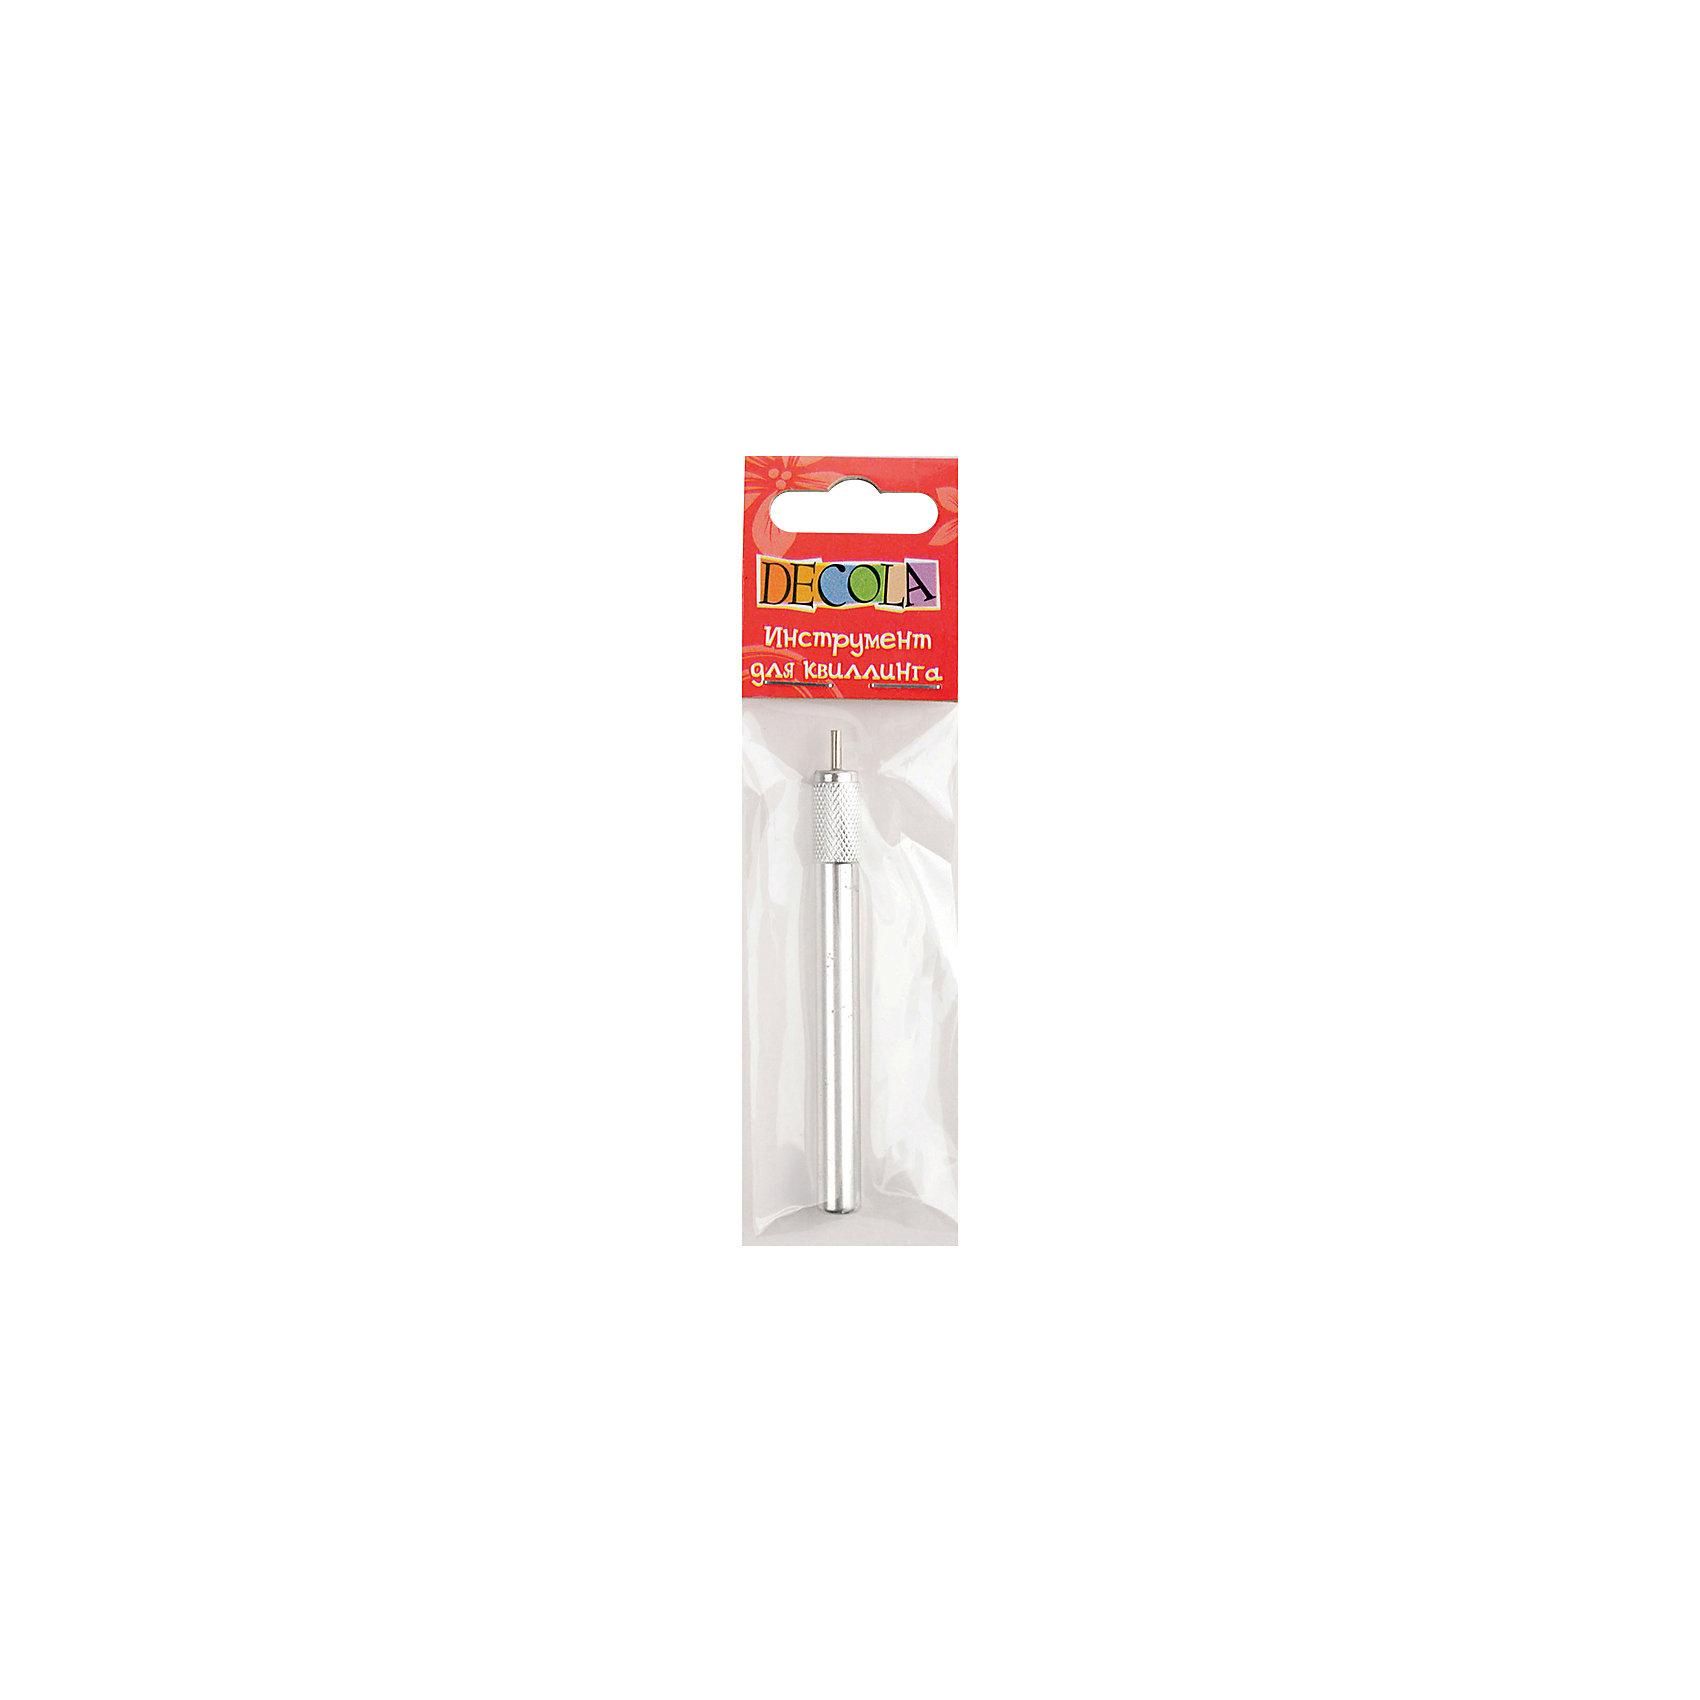 Инструмент для квиллинга DecolaБумага<br>Назначение: для квиллинга<br>Тип: инструмент для квиллинга<br>Материал: металл<br>Количество предметов: 1<br>Возраст: старше 5 лет<br>Упаковка ед. товара: пакет с европодвесом<br>Инструмент для квиллинга Decola предназначен для подкручивания элементов.<br><br>Ширина мм: 100<br>Глубина мм: 35<br>Высота мм: 10<br>Вес г: 15<br>Возраст от месяцев: 84<br>Возраст до месяцев: 2147483647<br>Пол: Унисекс<br>Возраст: Детский<br>SKU: 7044178